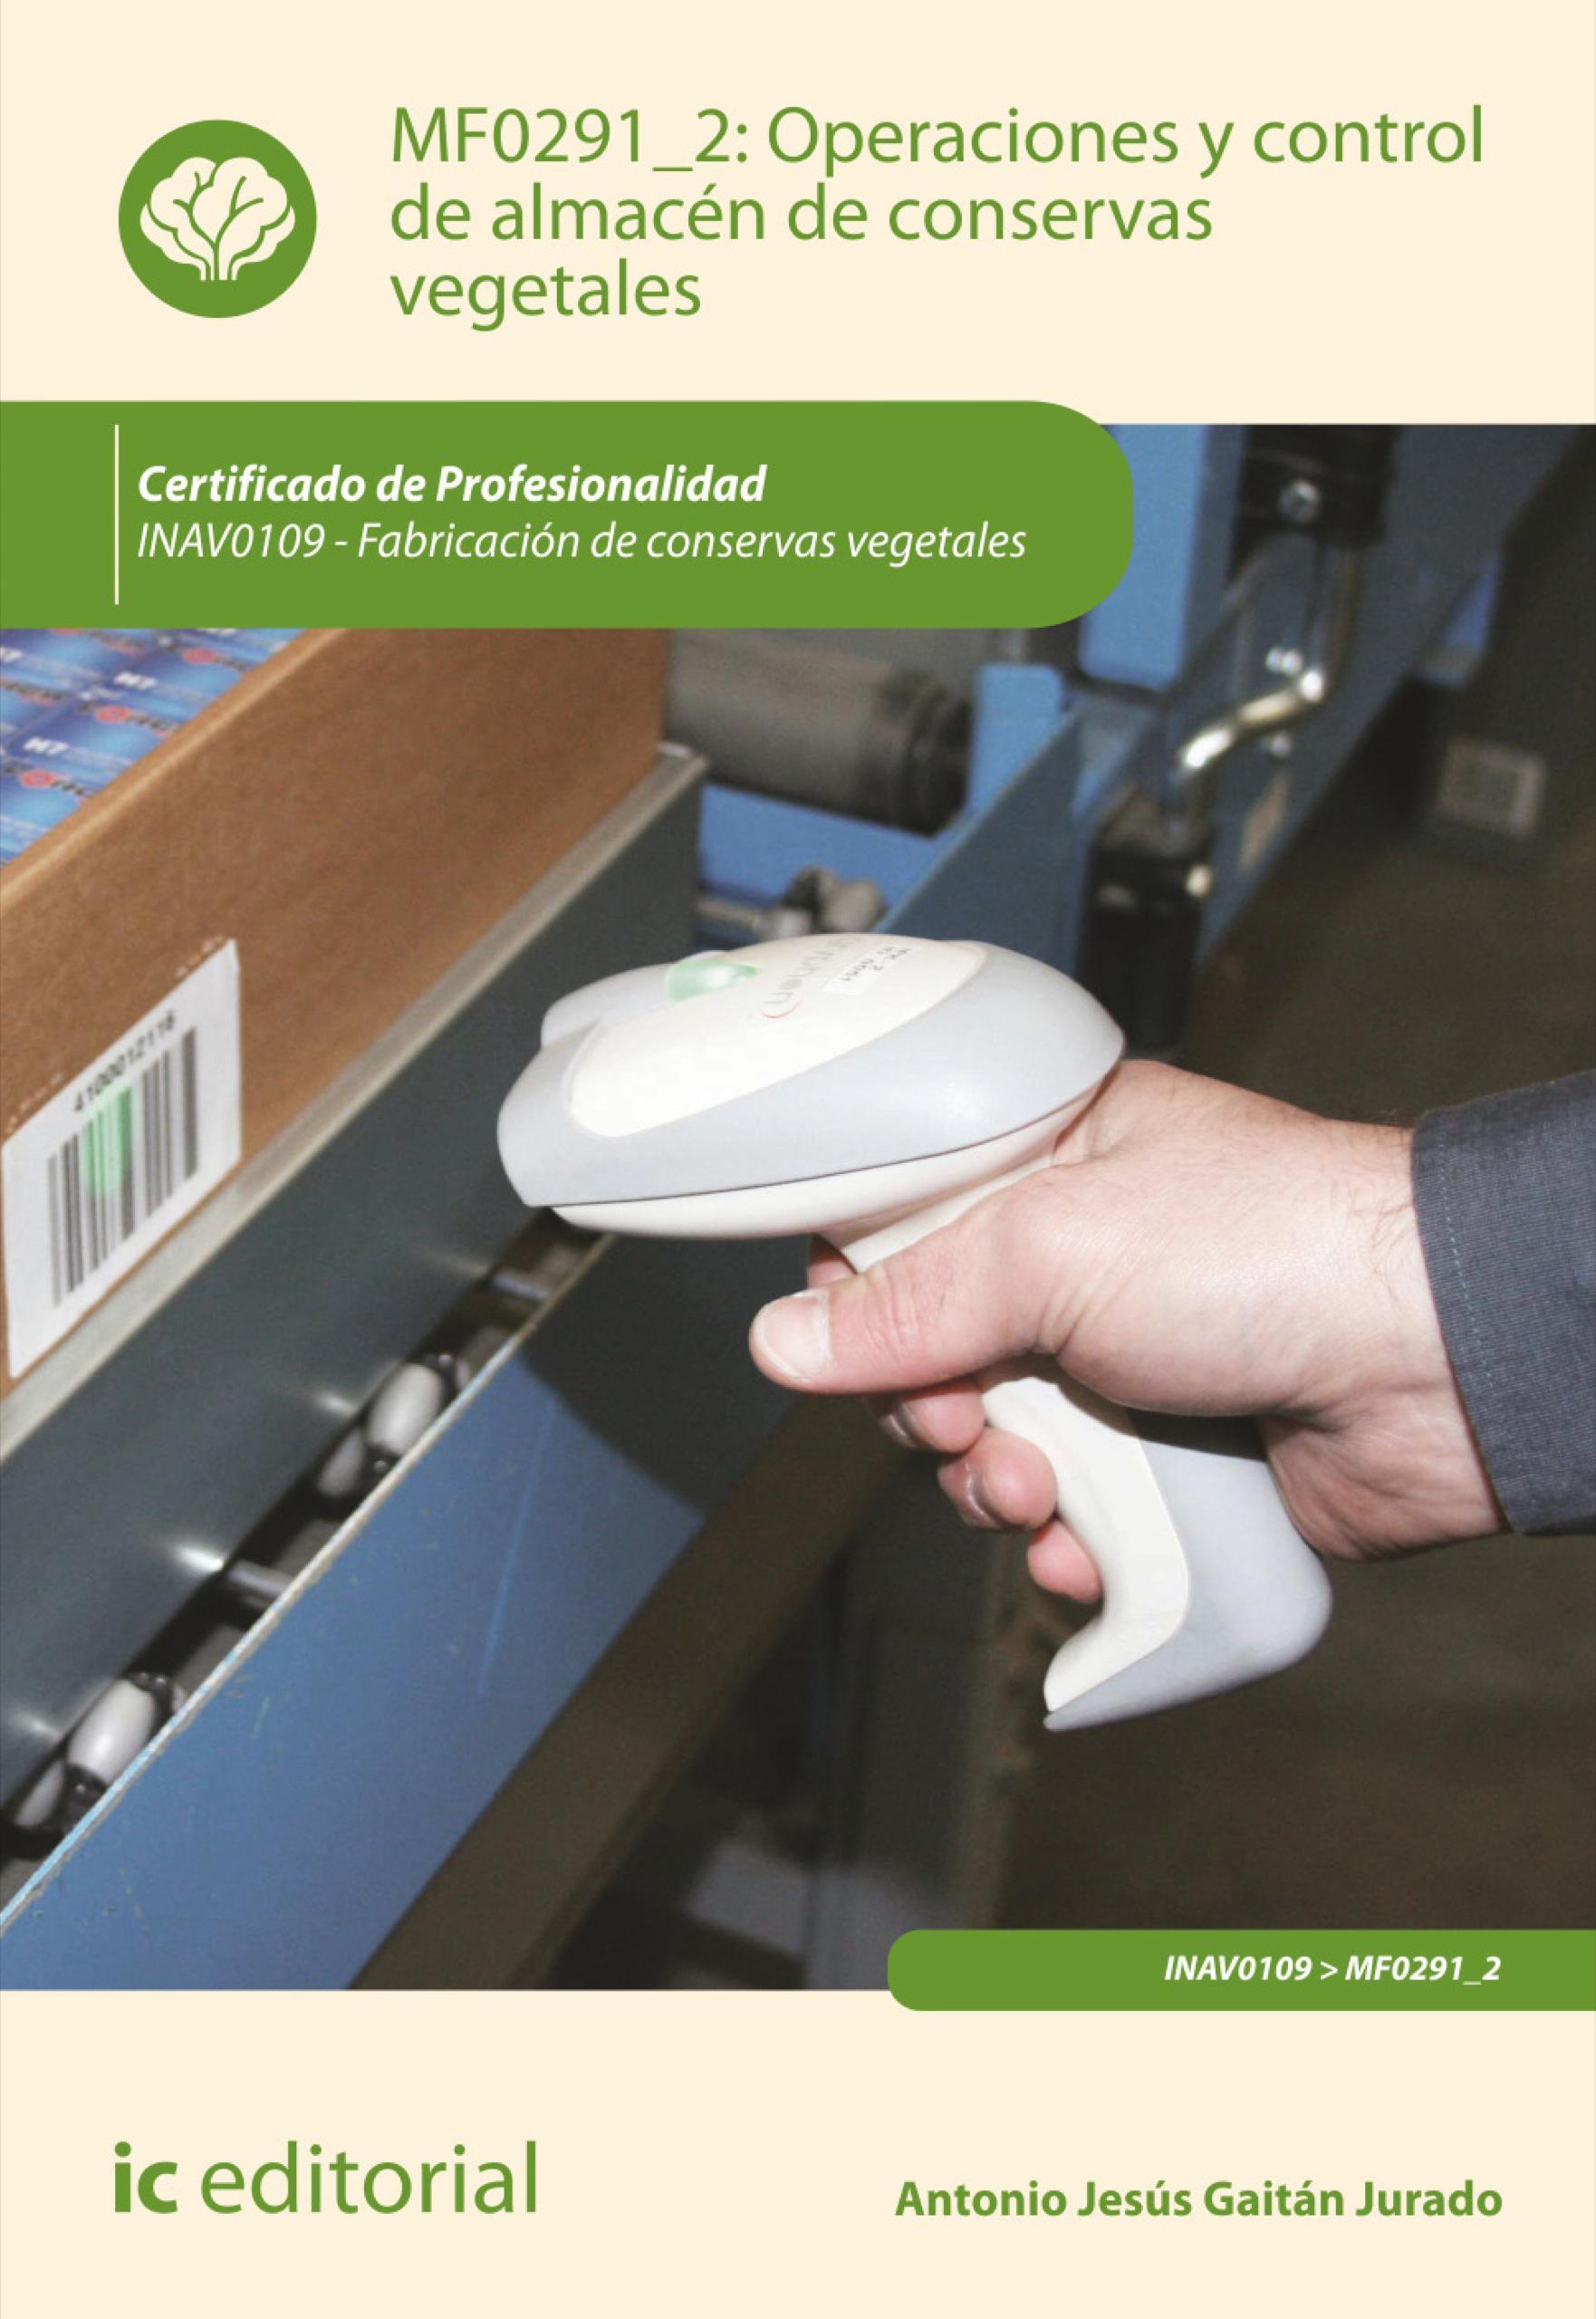 Operaciones y control de almacén de conservas vegetales. INAV0109